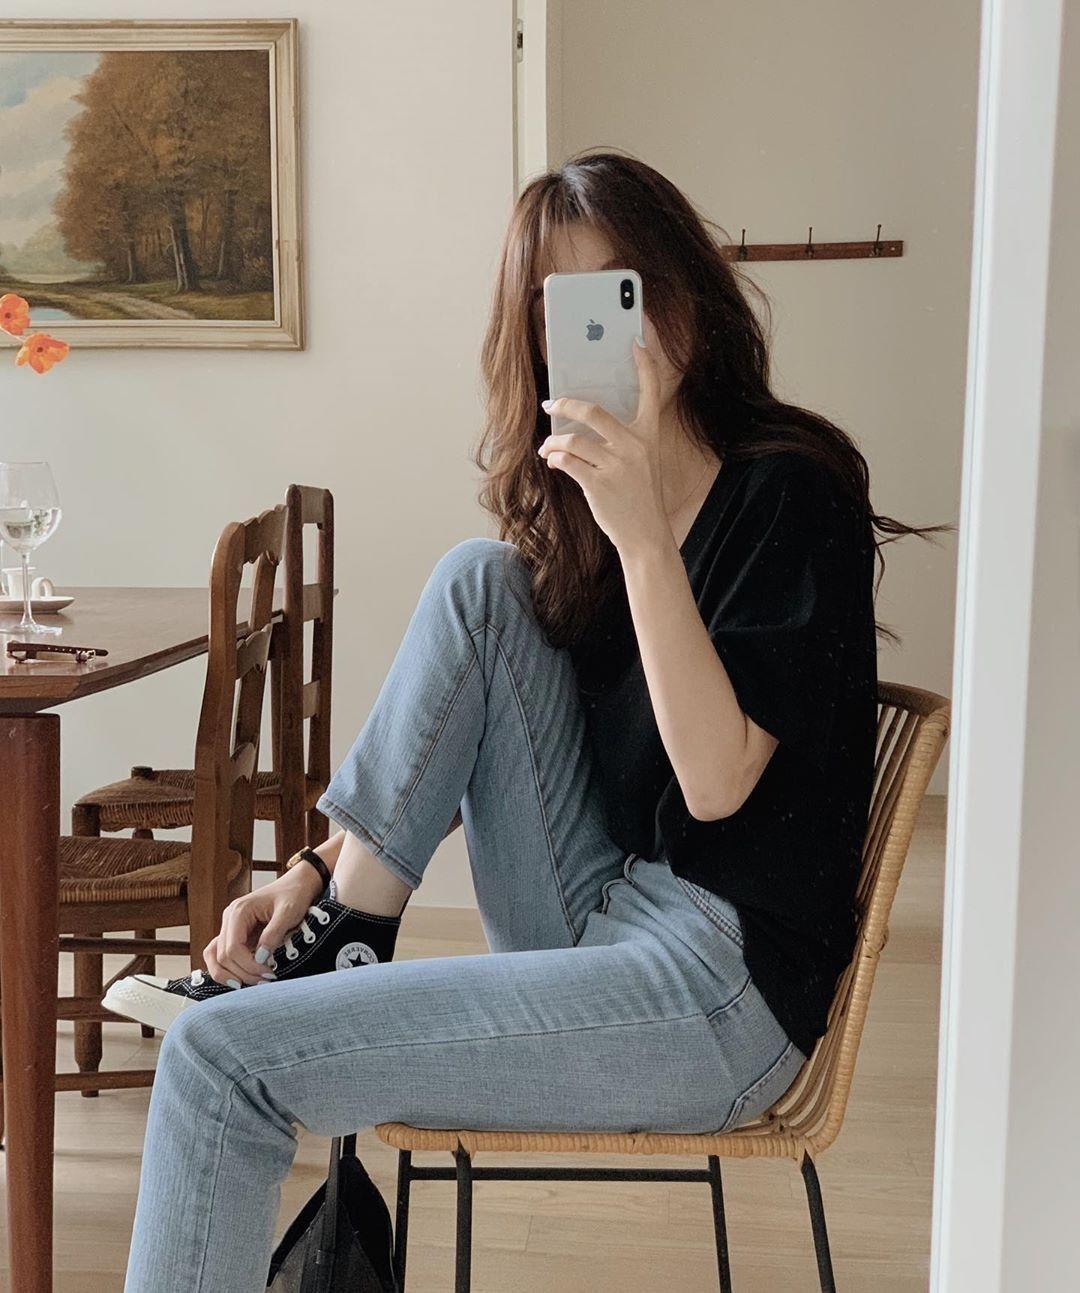 Chụp ảnh selfie cùng một chiếc ghế